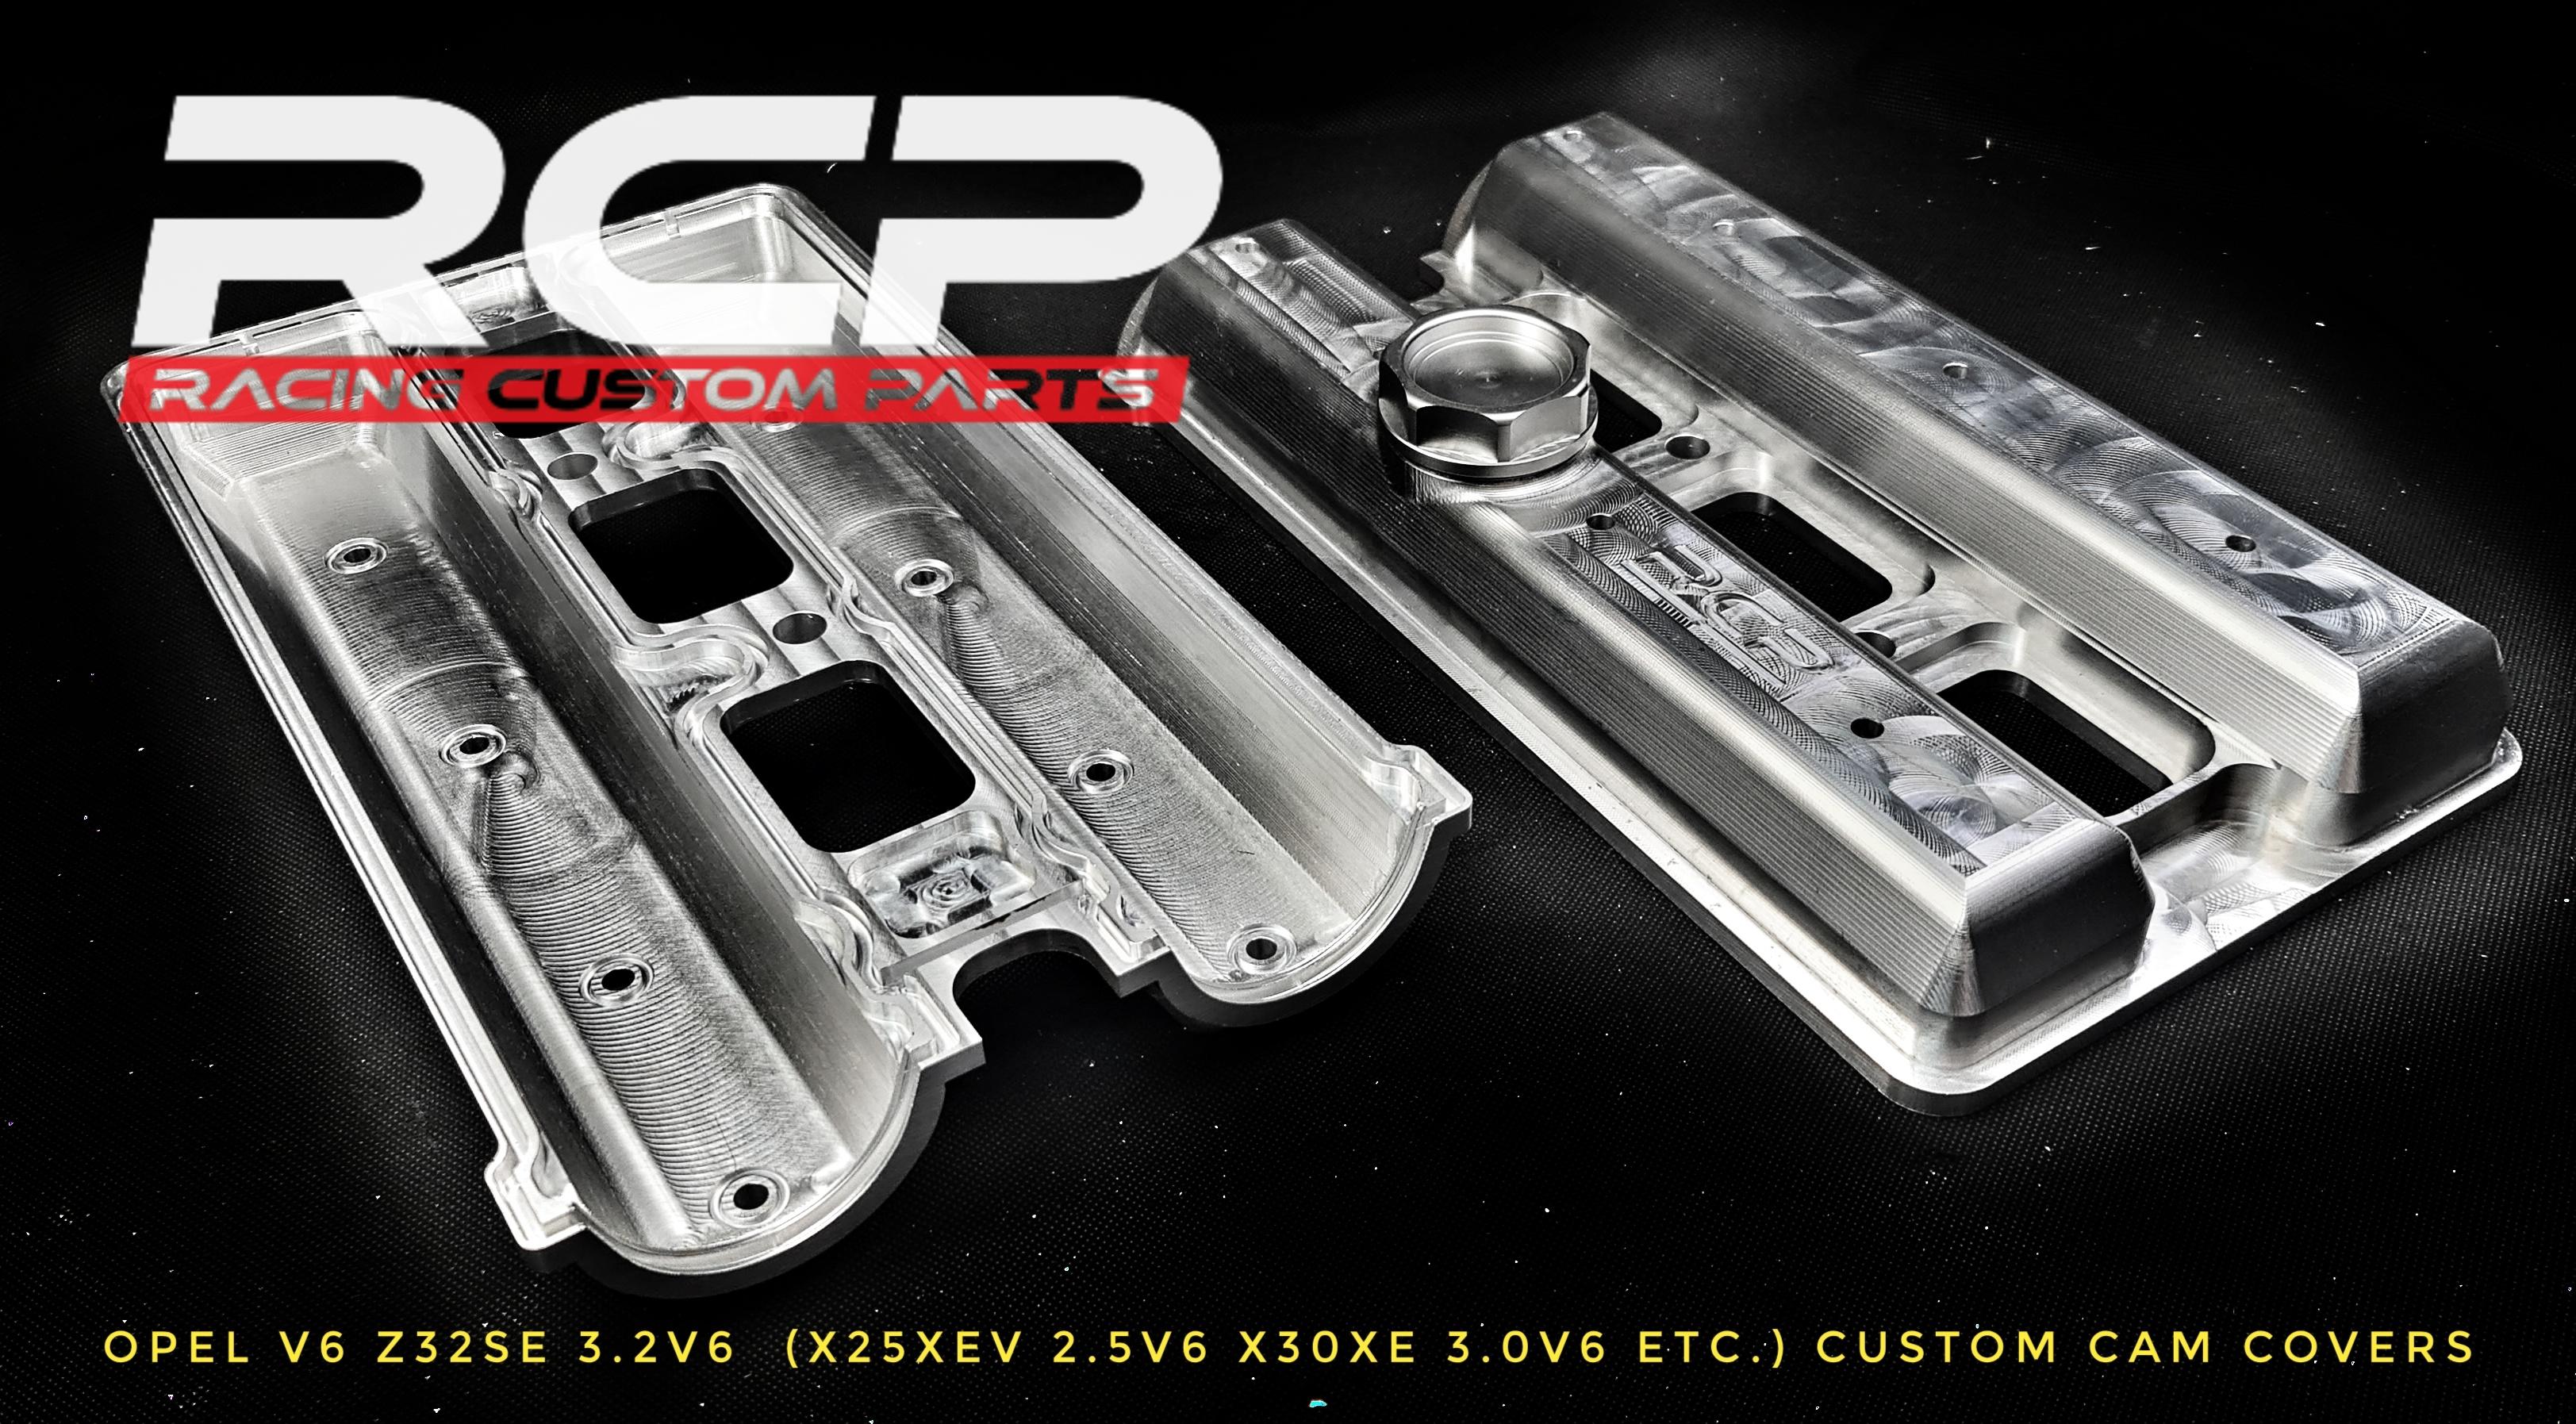 opel v6 cam head cover covers z32se x20xe x25xev x30xe y32se y26se billet cnc rcp racing custom parts calibra vectra astra signum